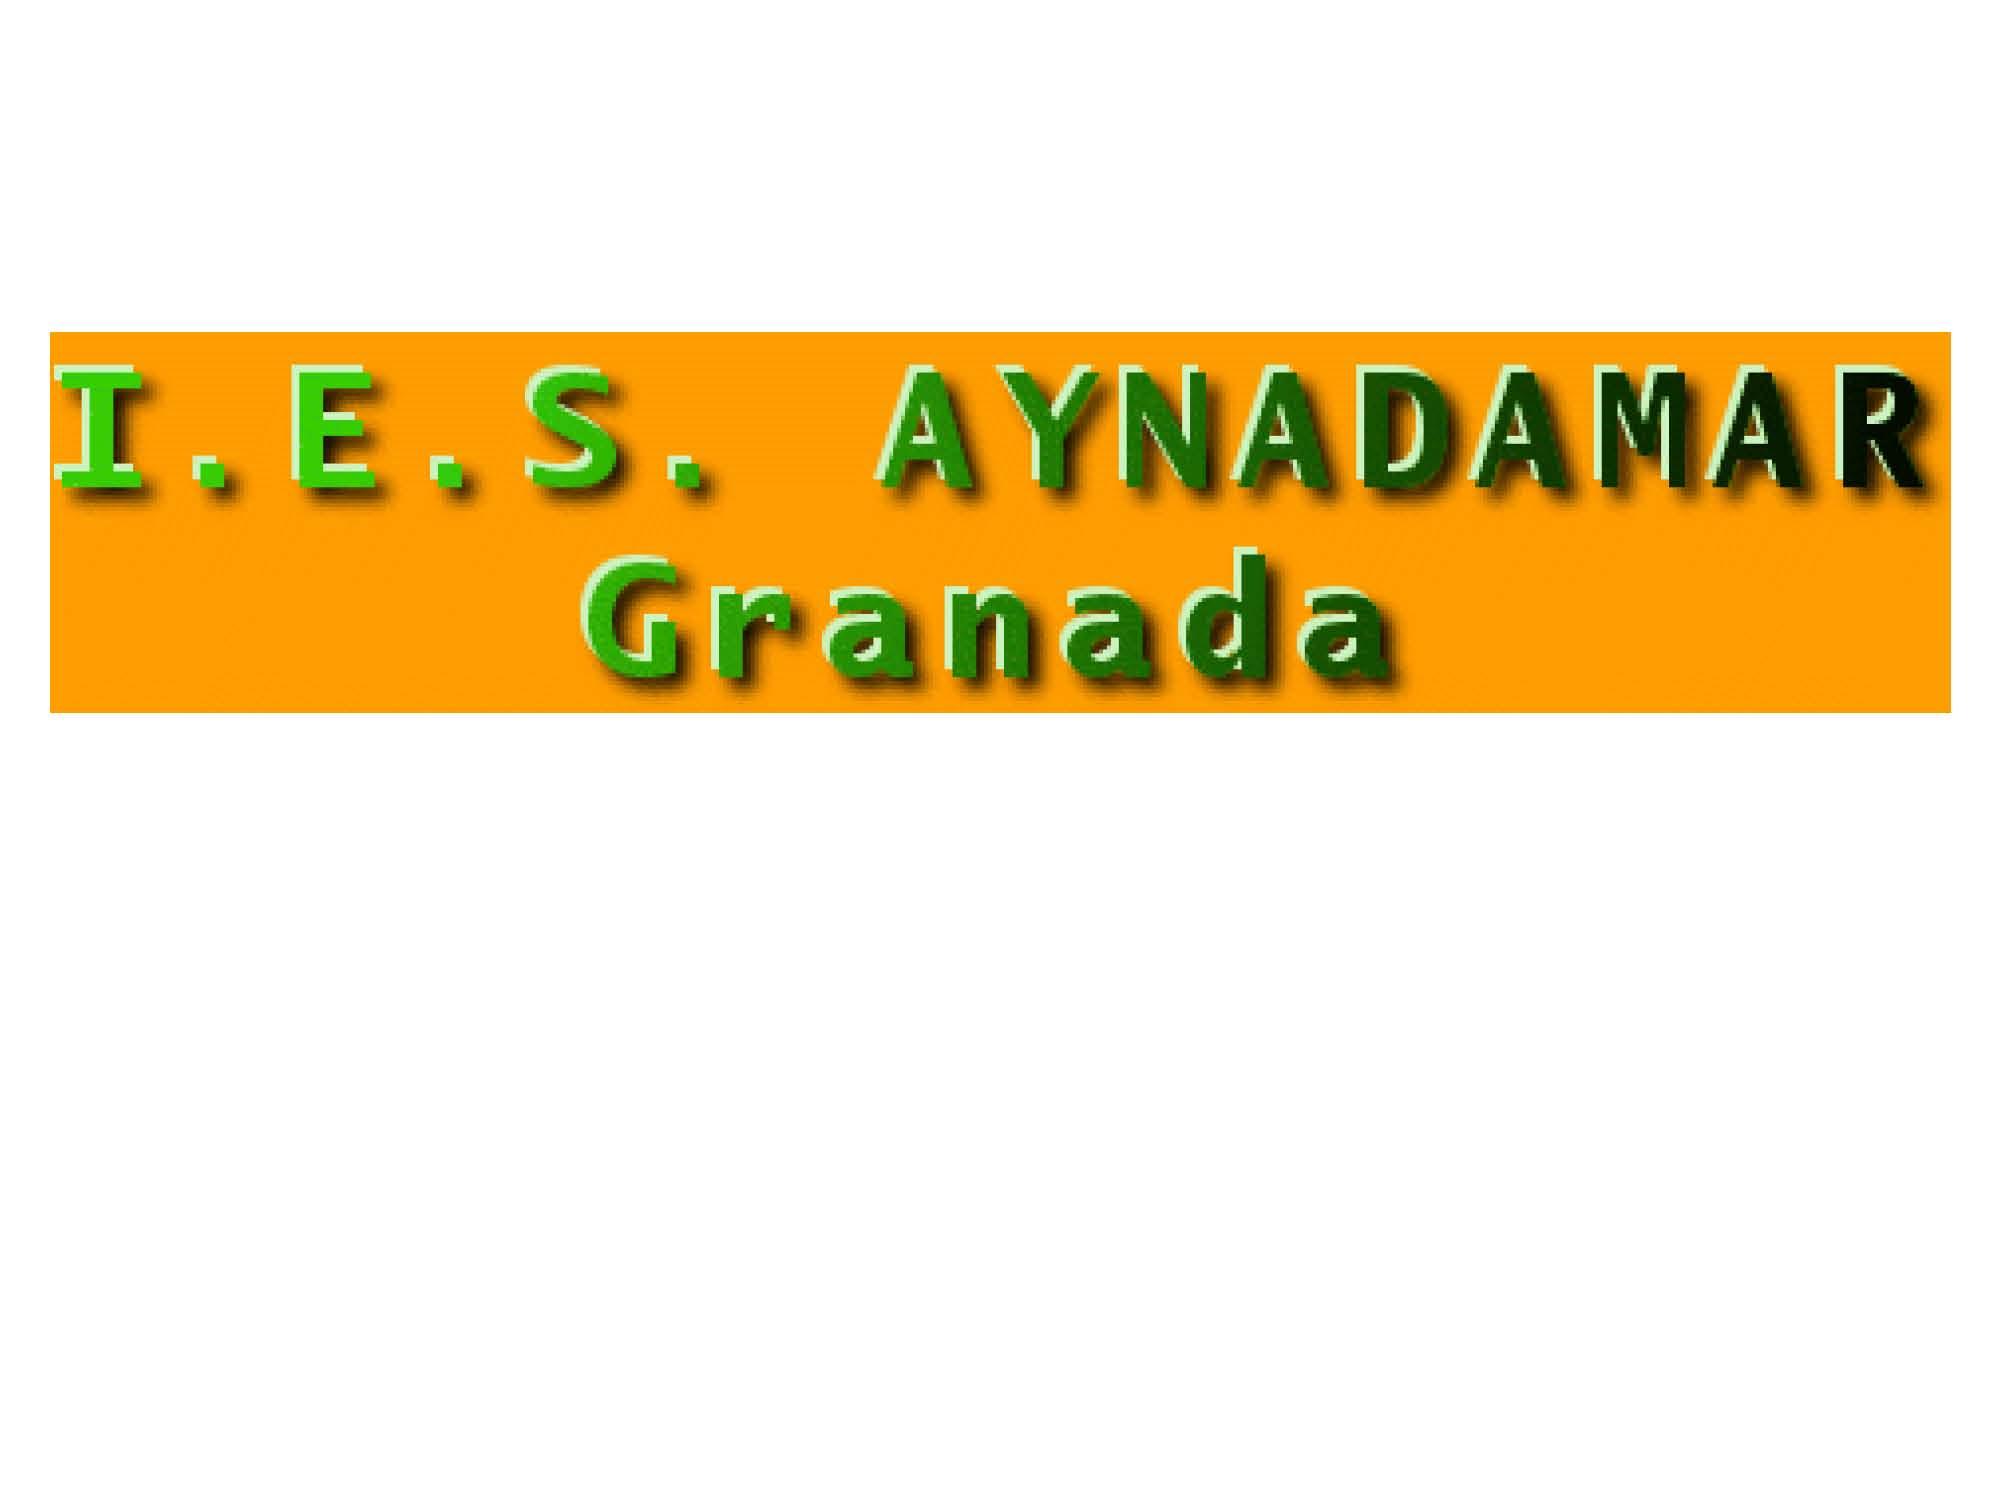 logo del aynadamar